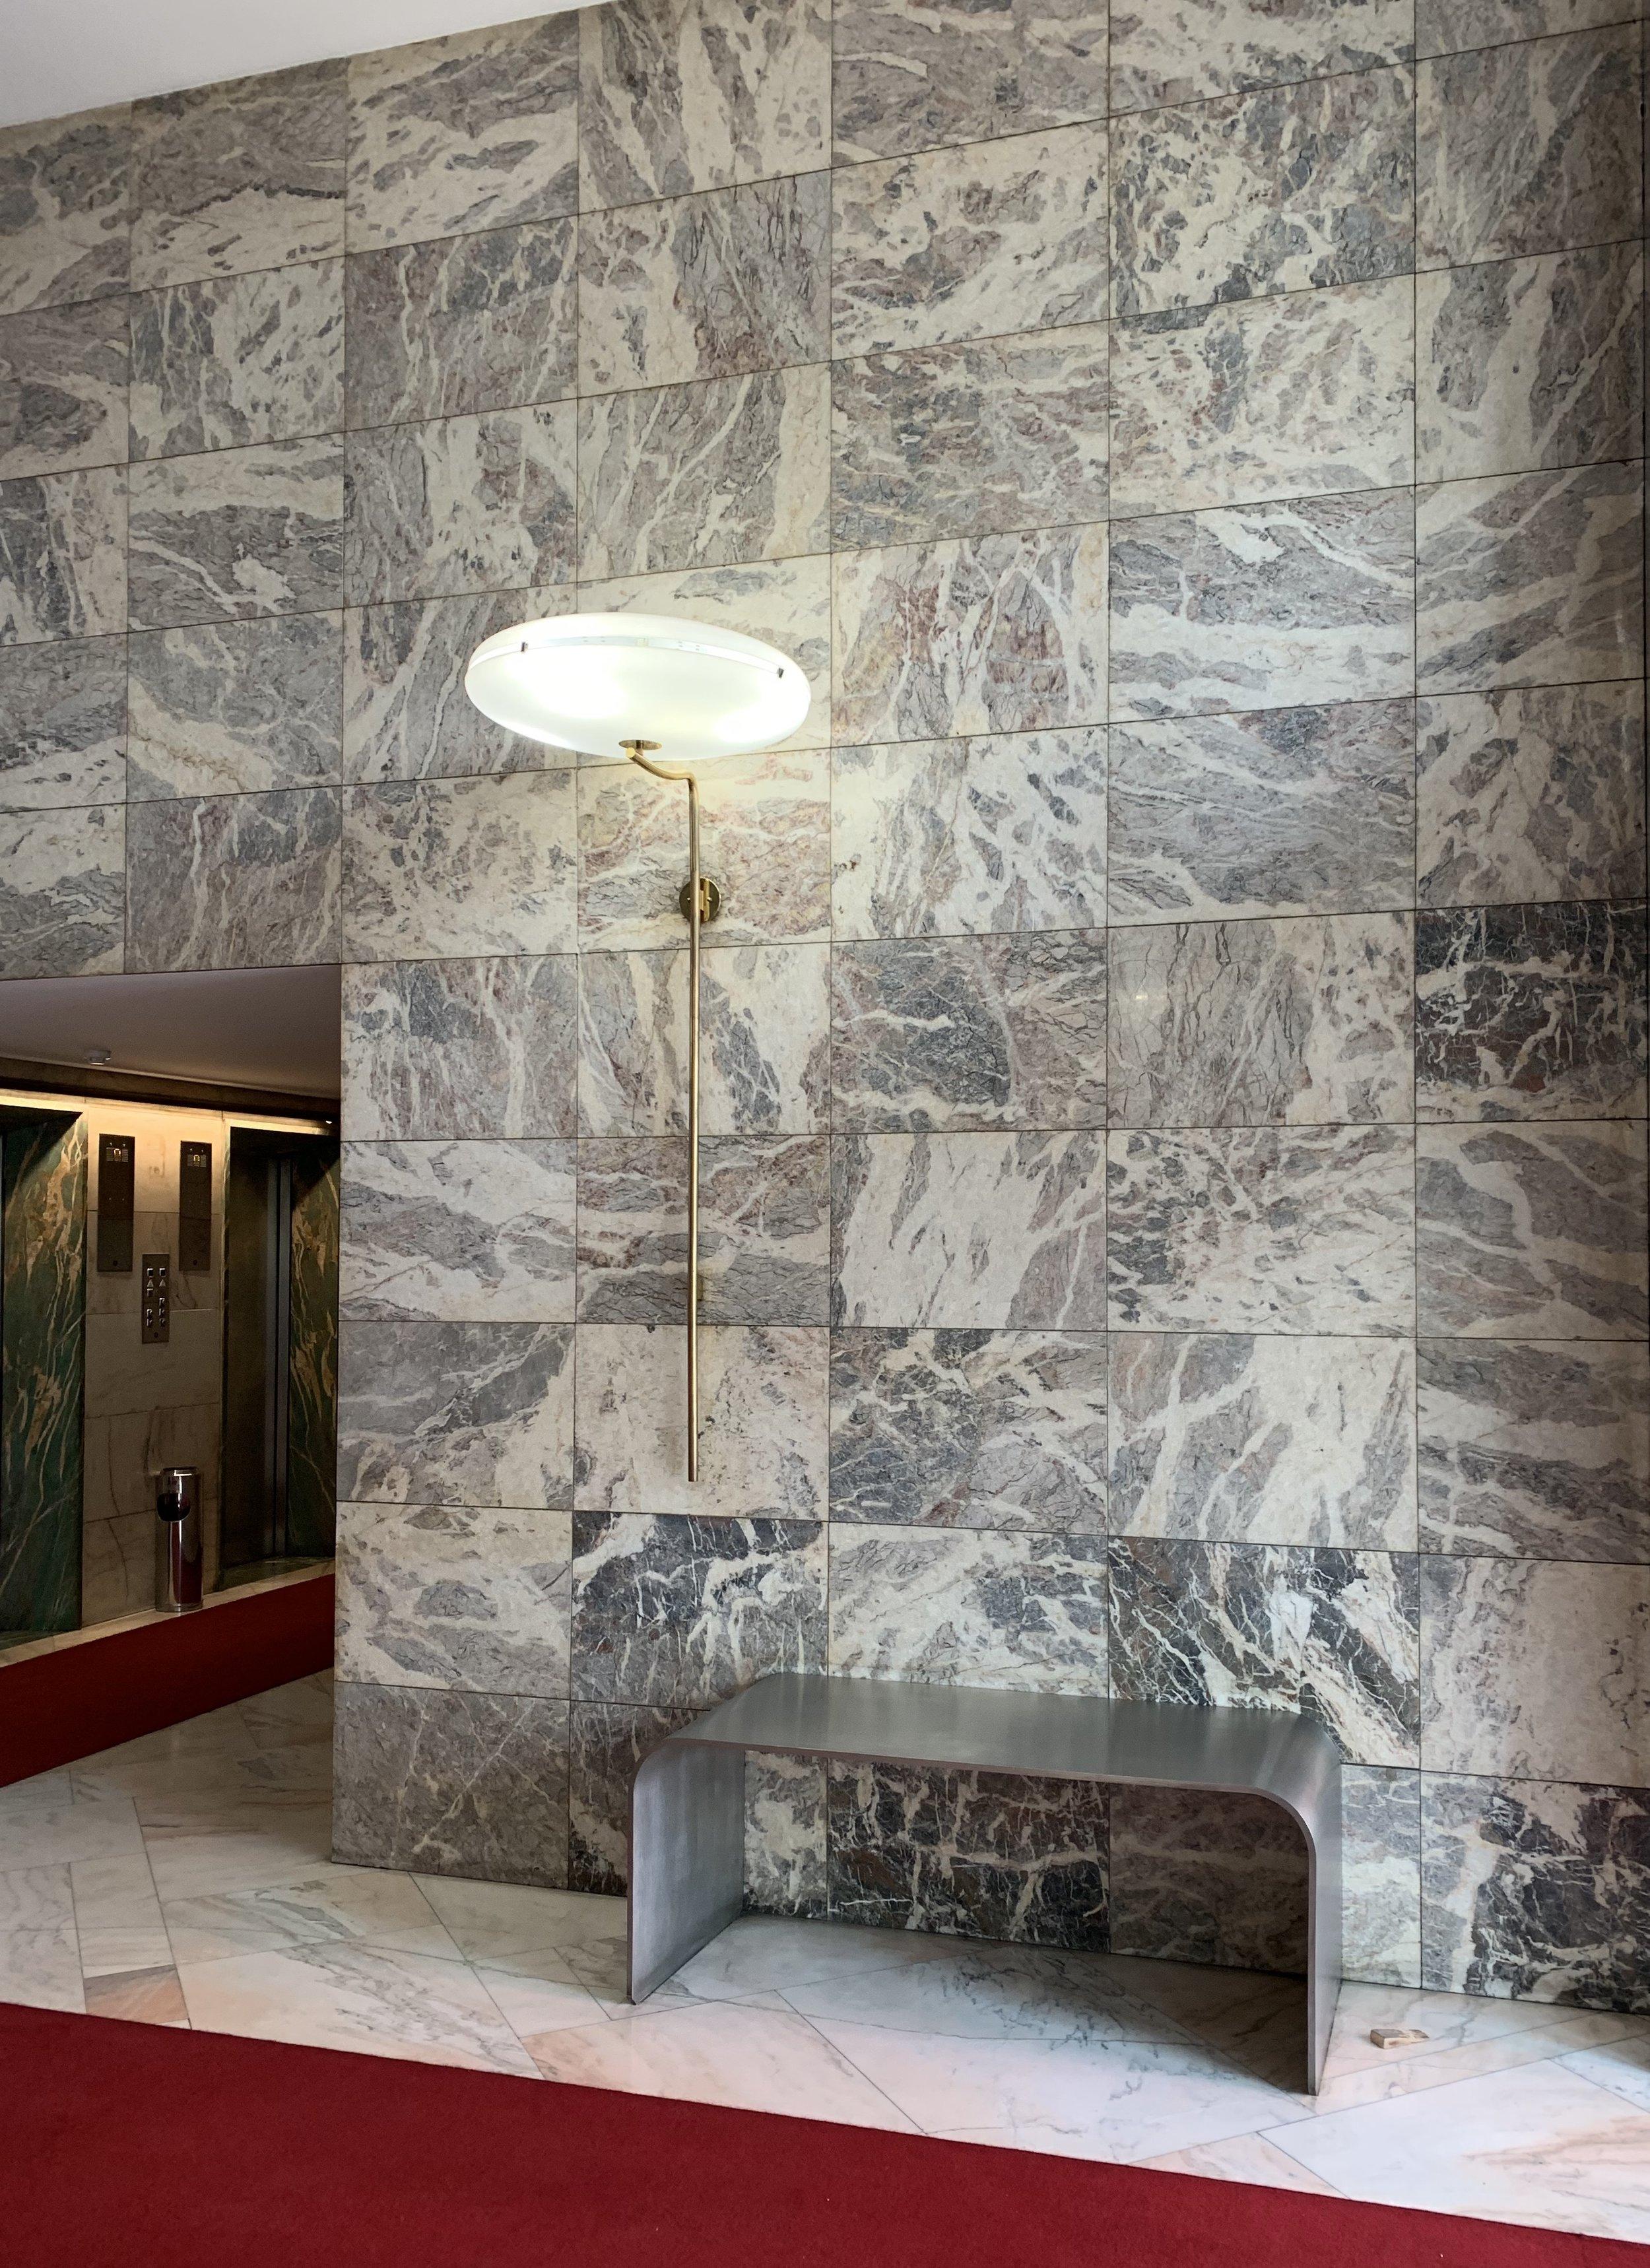 029 Salone del Mobile 2019 Lex de gooijer interiors rotterdam.jpg